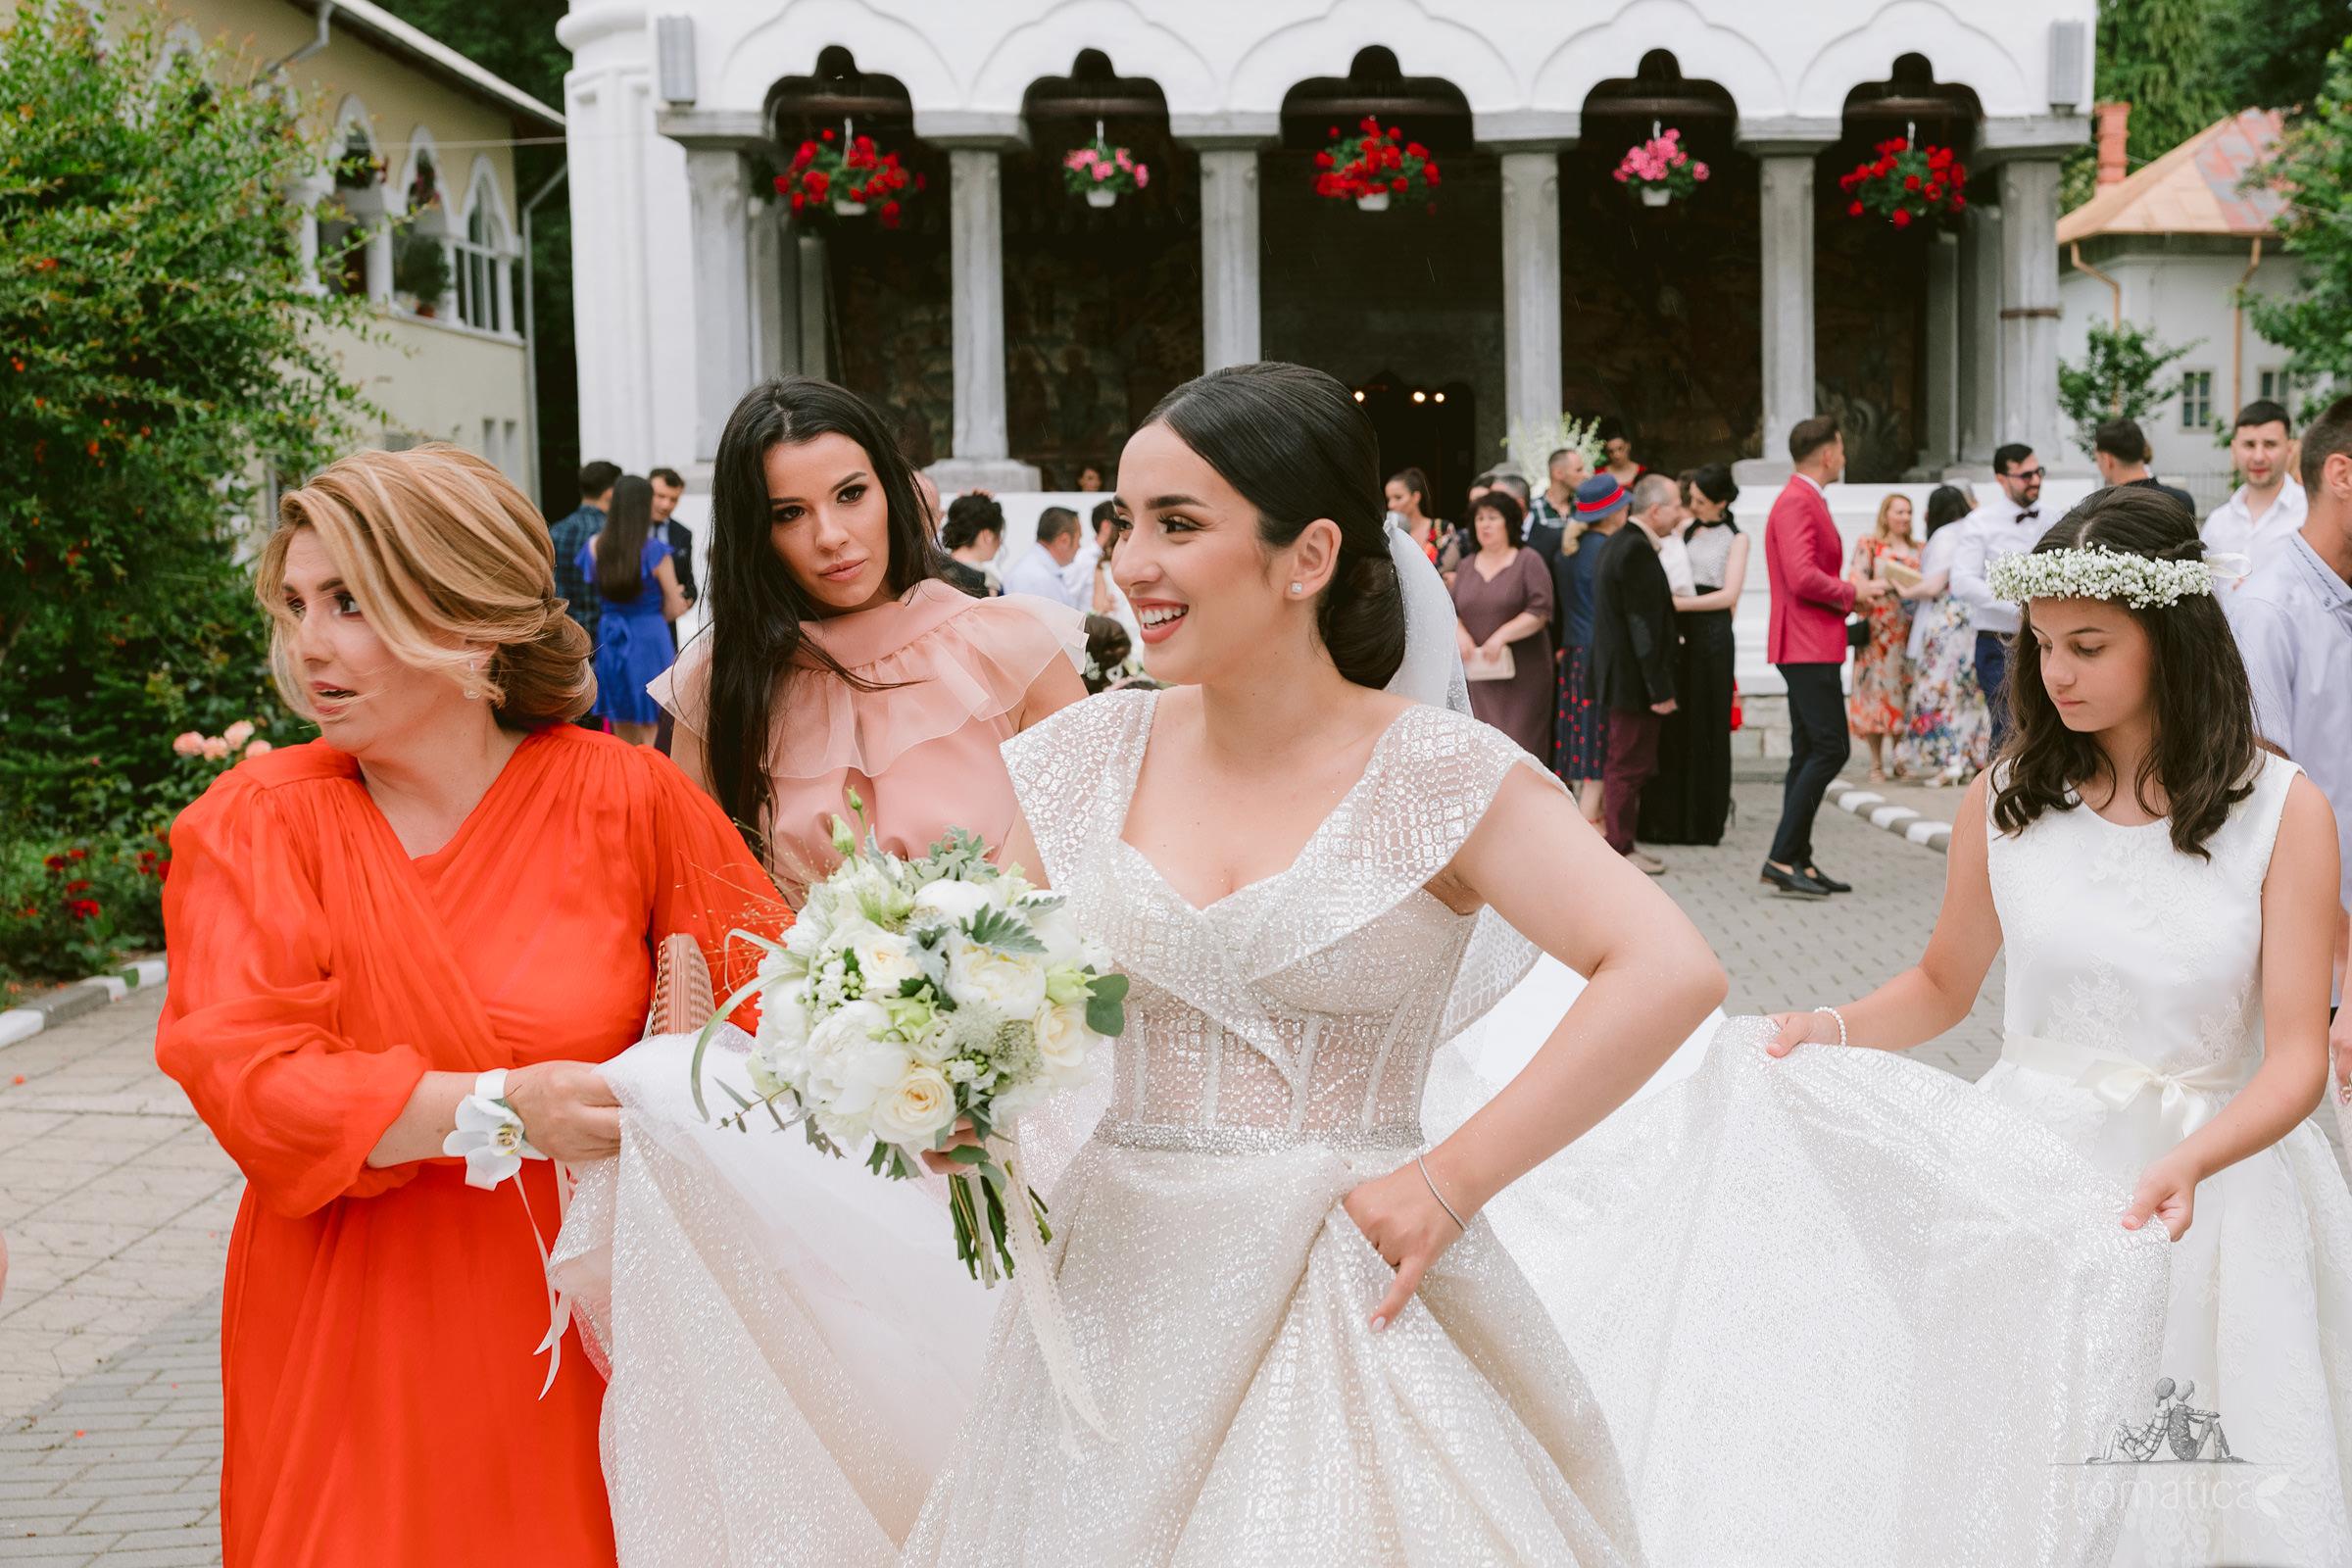 oana alex fotografii nunta rm valcea 040